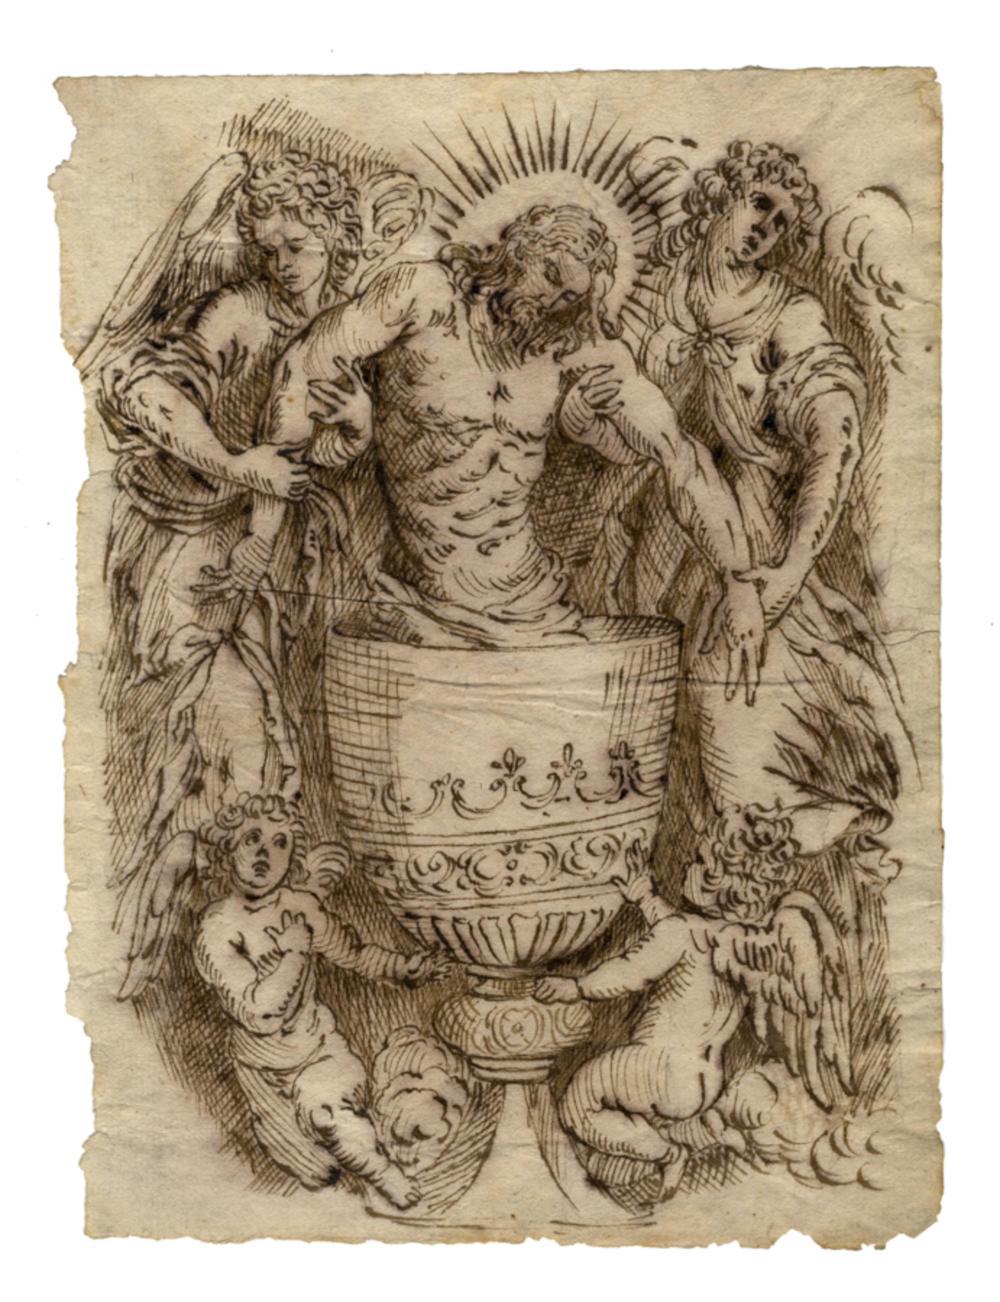 Jacopo Negretti (detto Palma il Giovane) [cerchia di], Cristo entro un calice sorretto da angeli. 1620 ca.